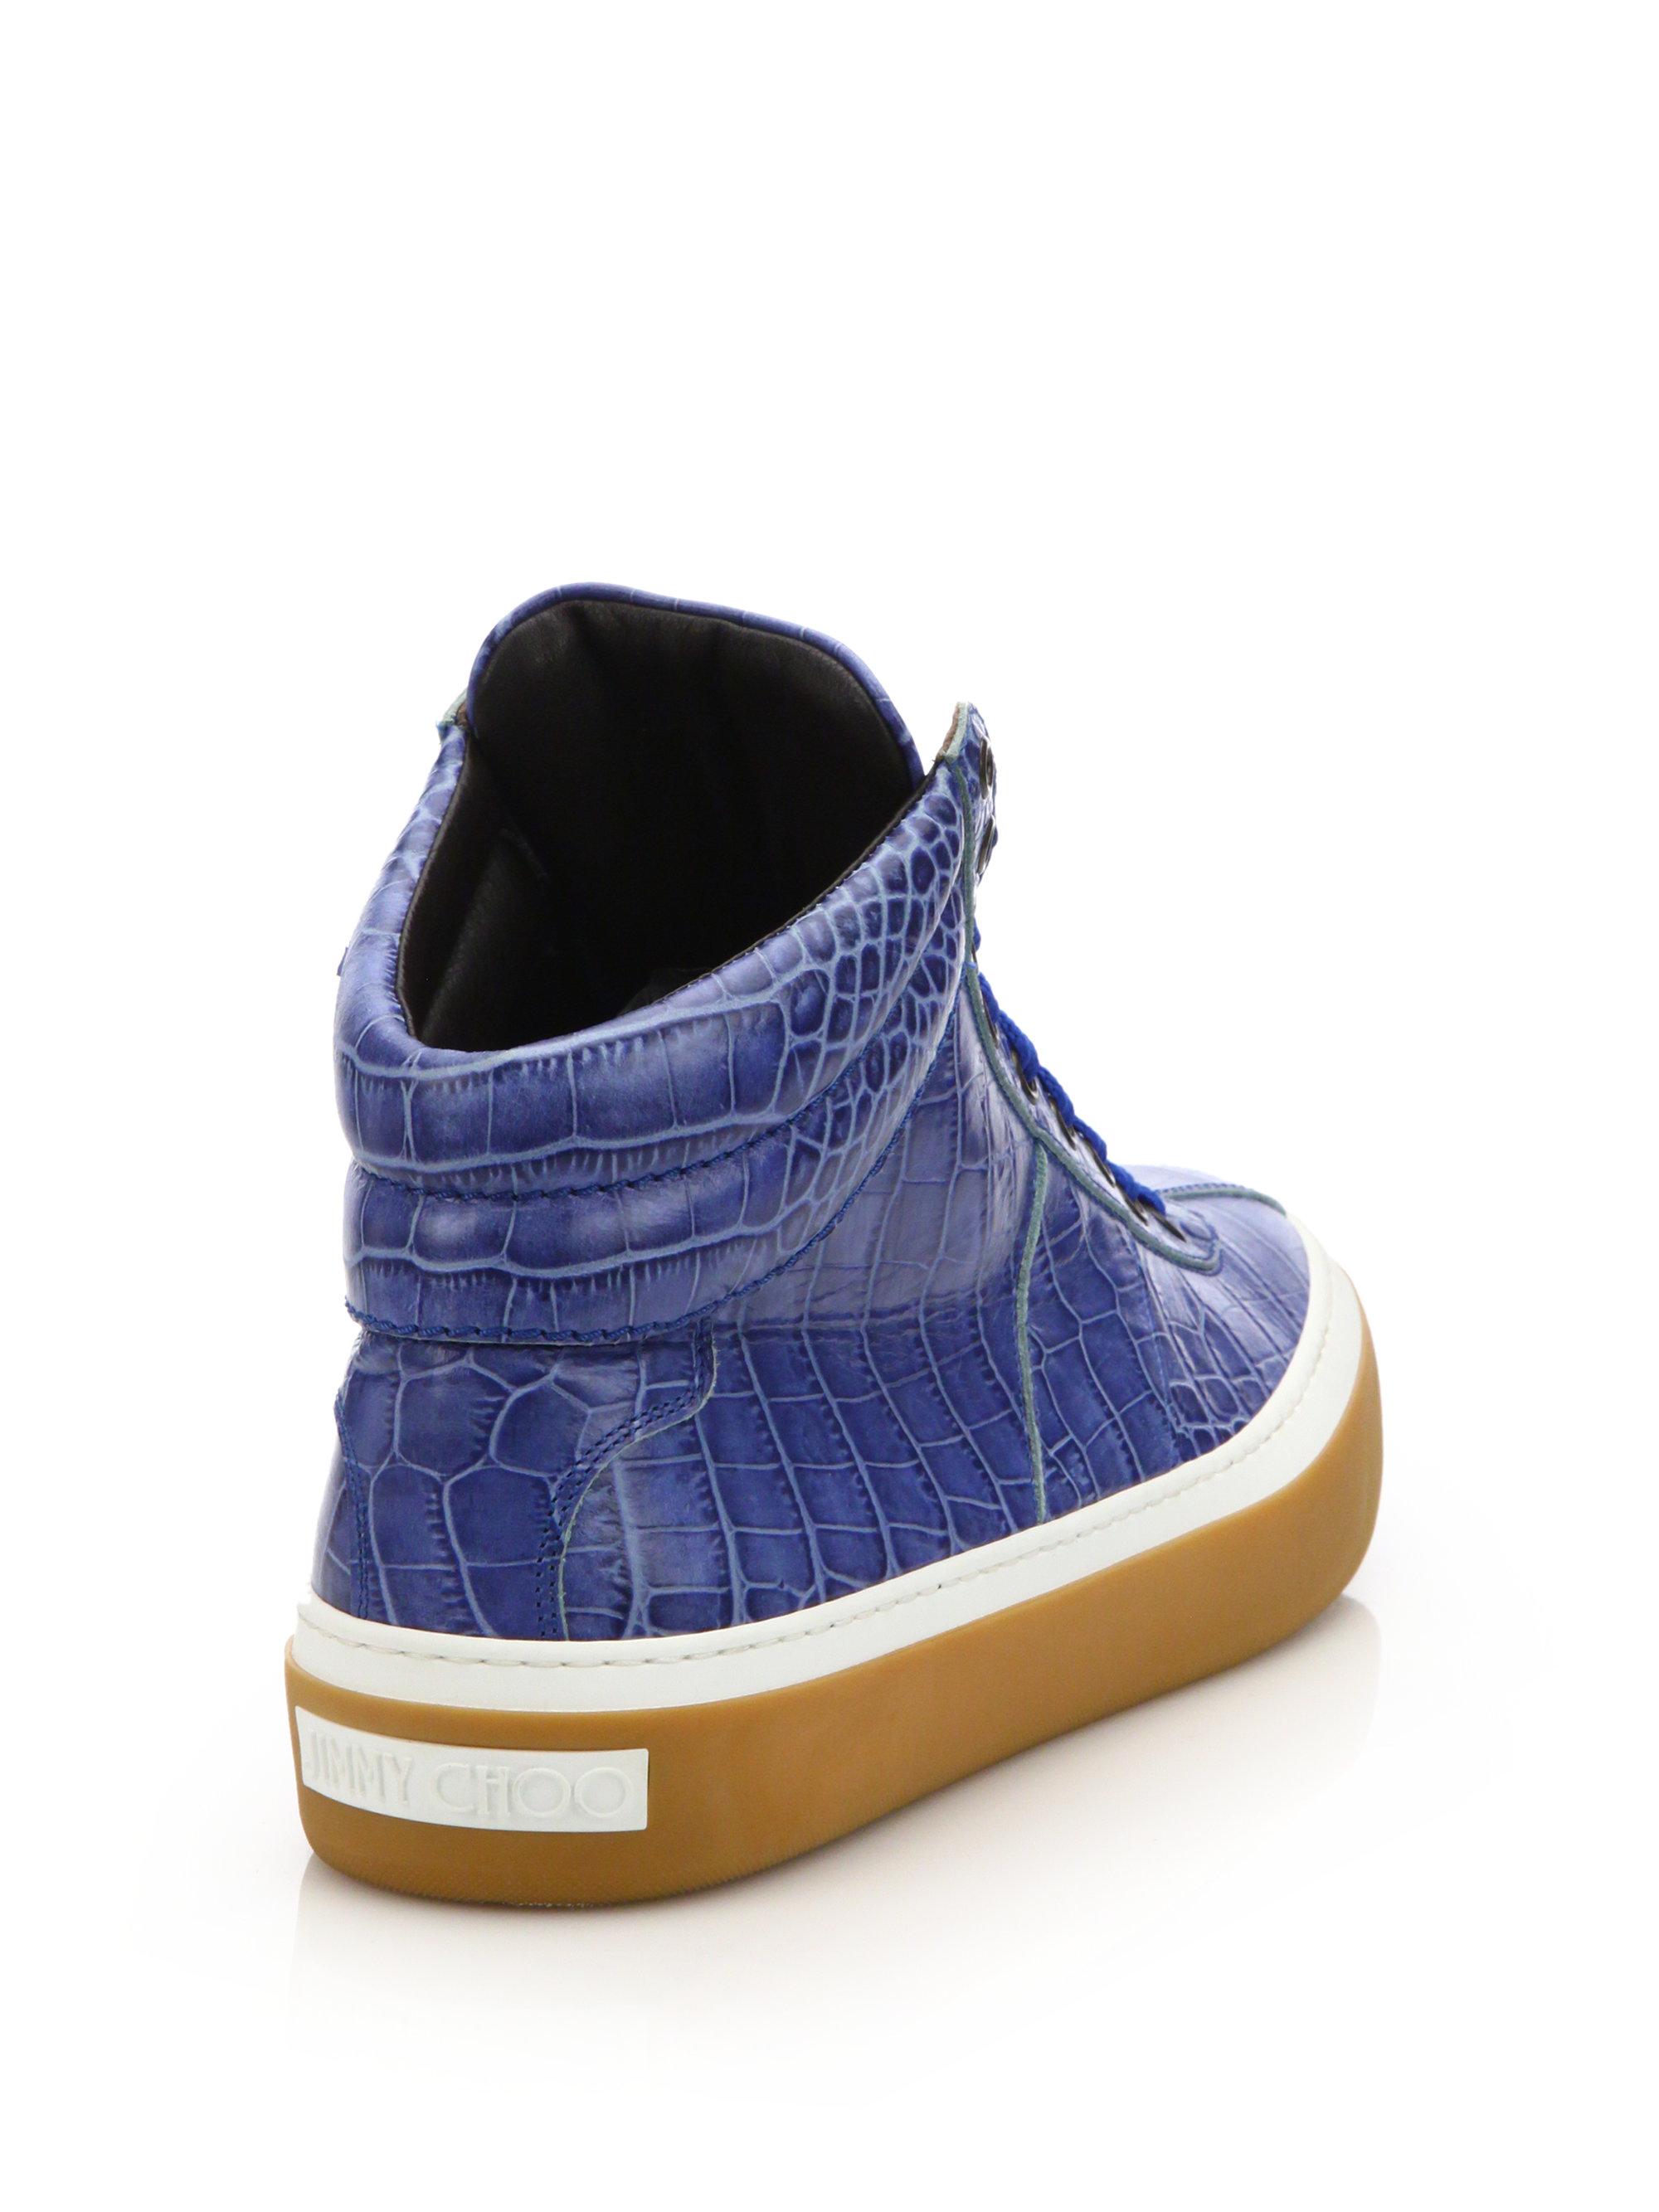 Blue Suede Jett Sneakers Jimmy Choo London LfVkJ